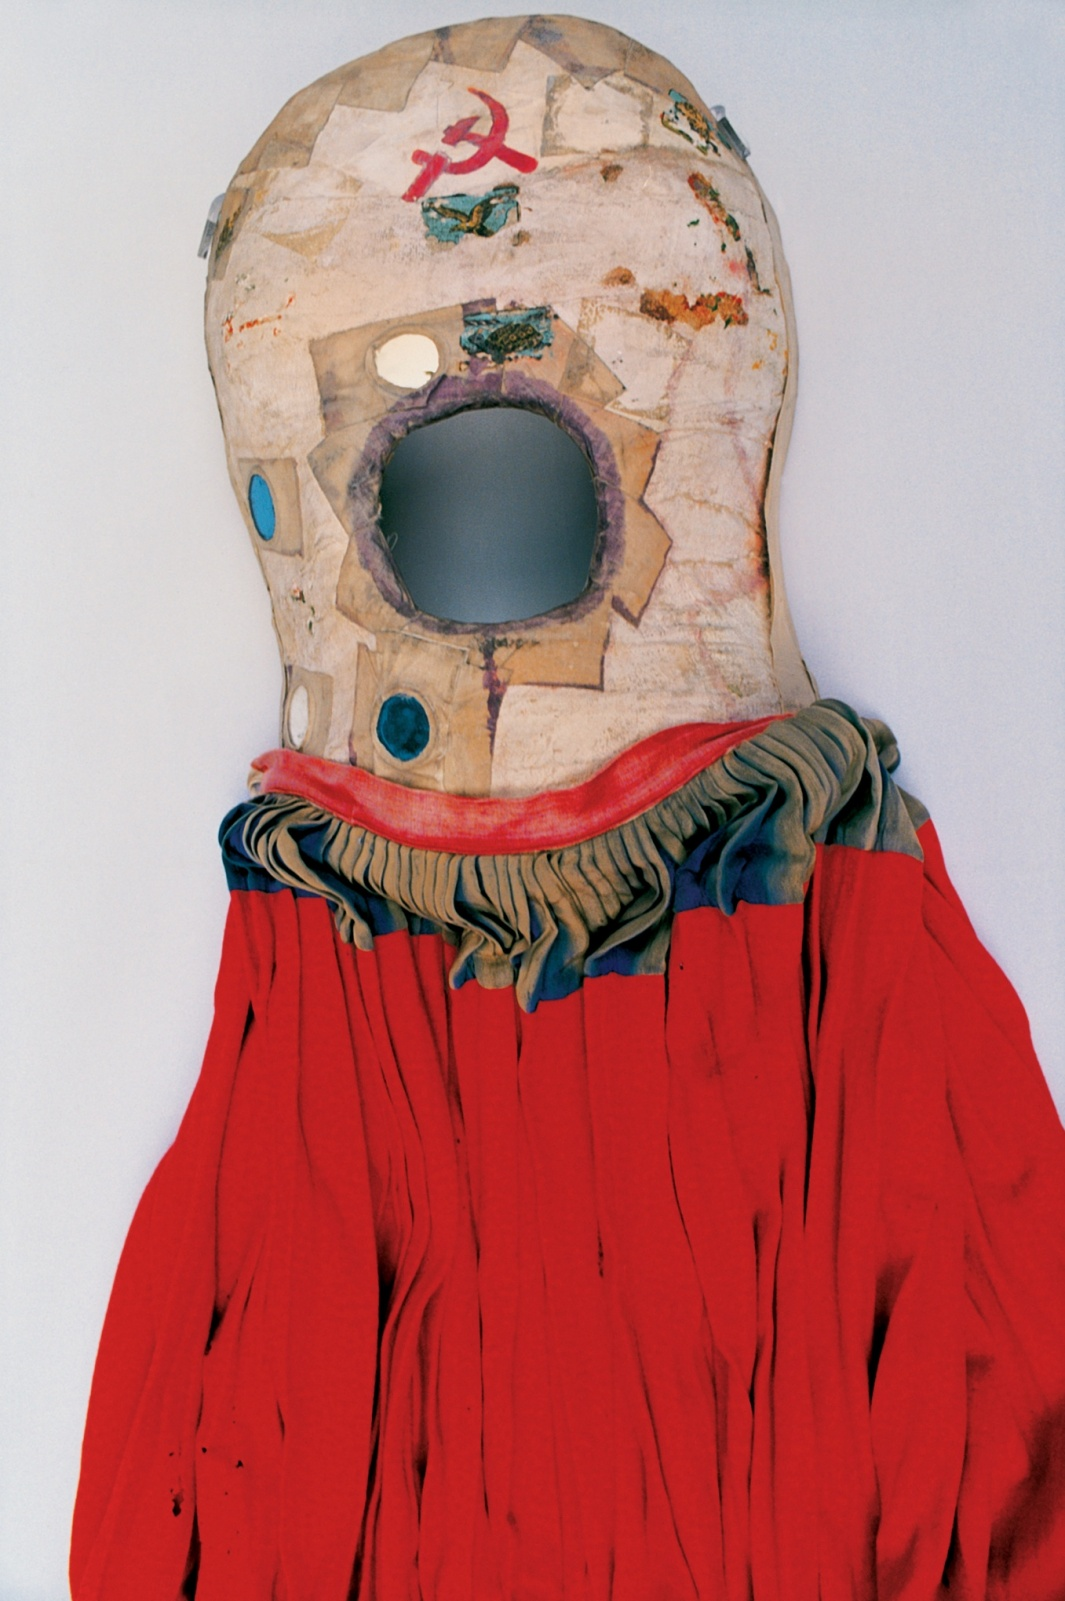 """После страшной дорожной аварии тело Фриды Кало было """"заковано"""" в гипс, и три месяца она была неподвижна. Поправившись, она разукрасила  свой гипсовый корсет, превратив медицинское приспособление в произведение искусства."""